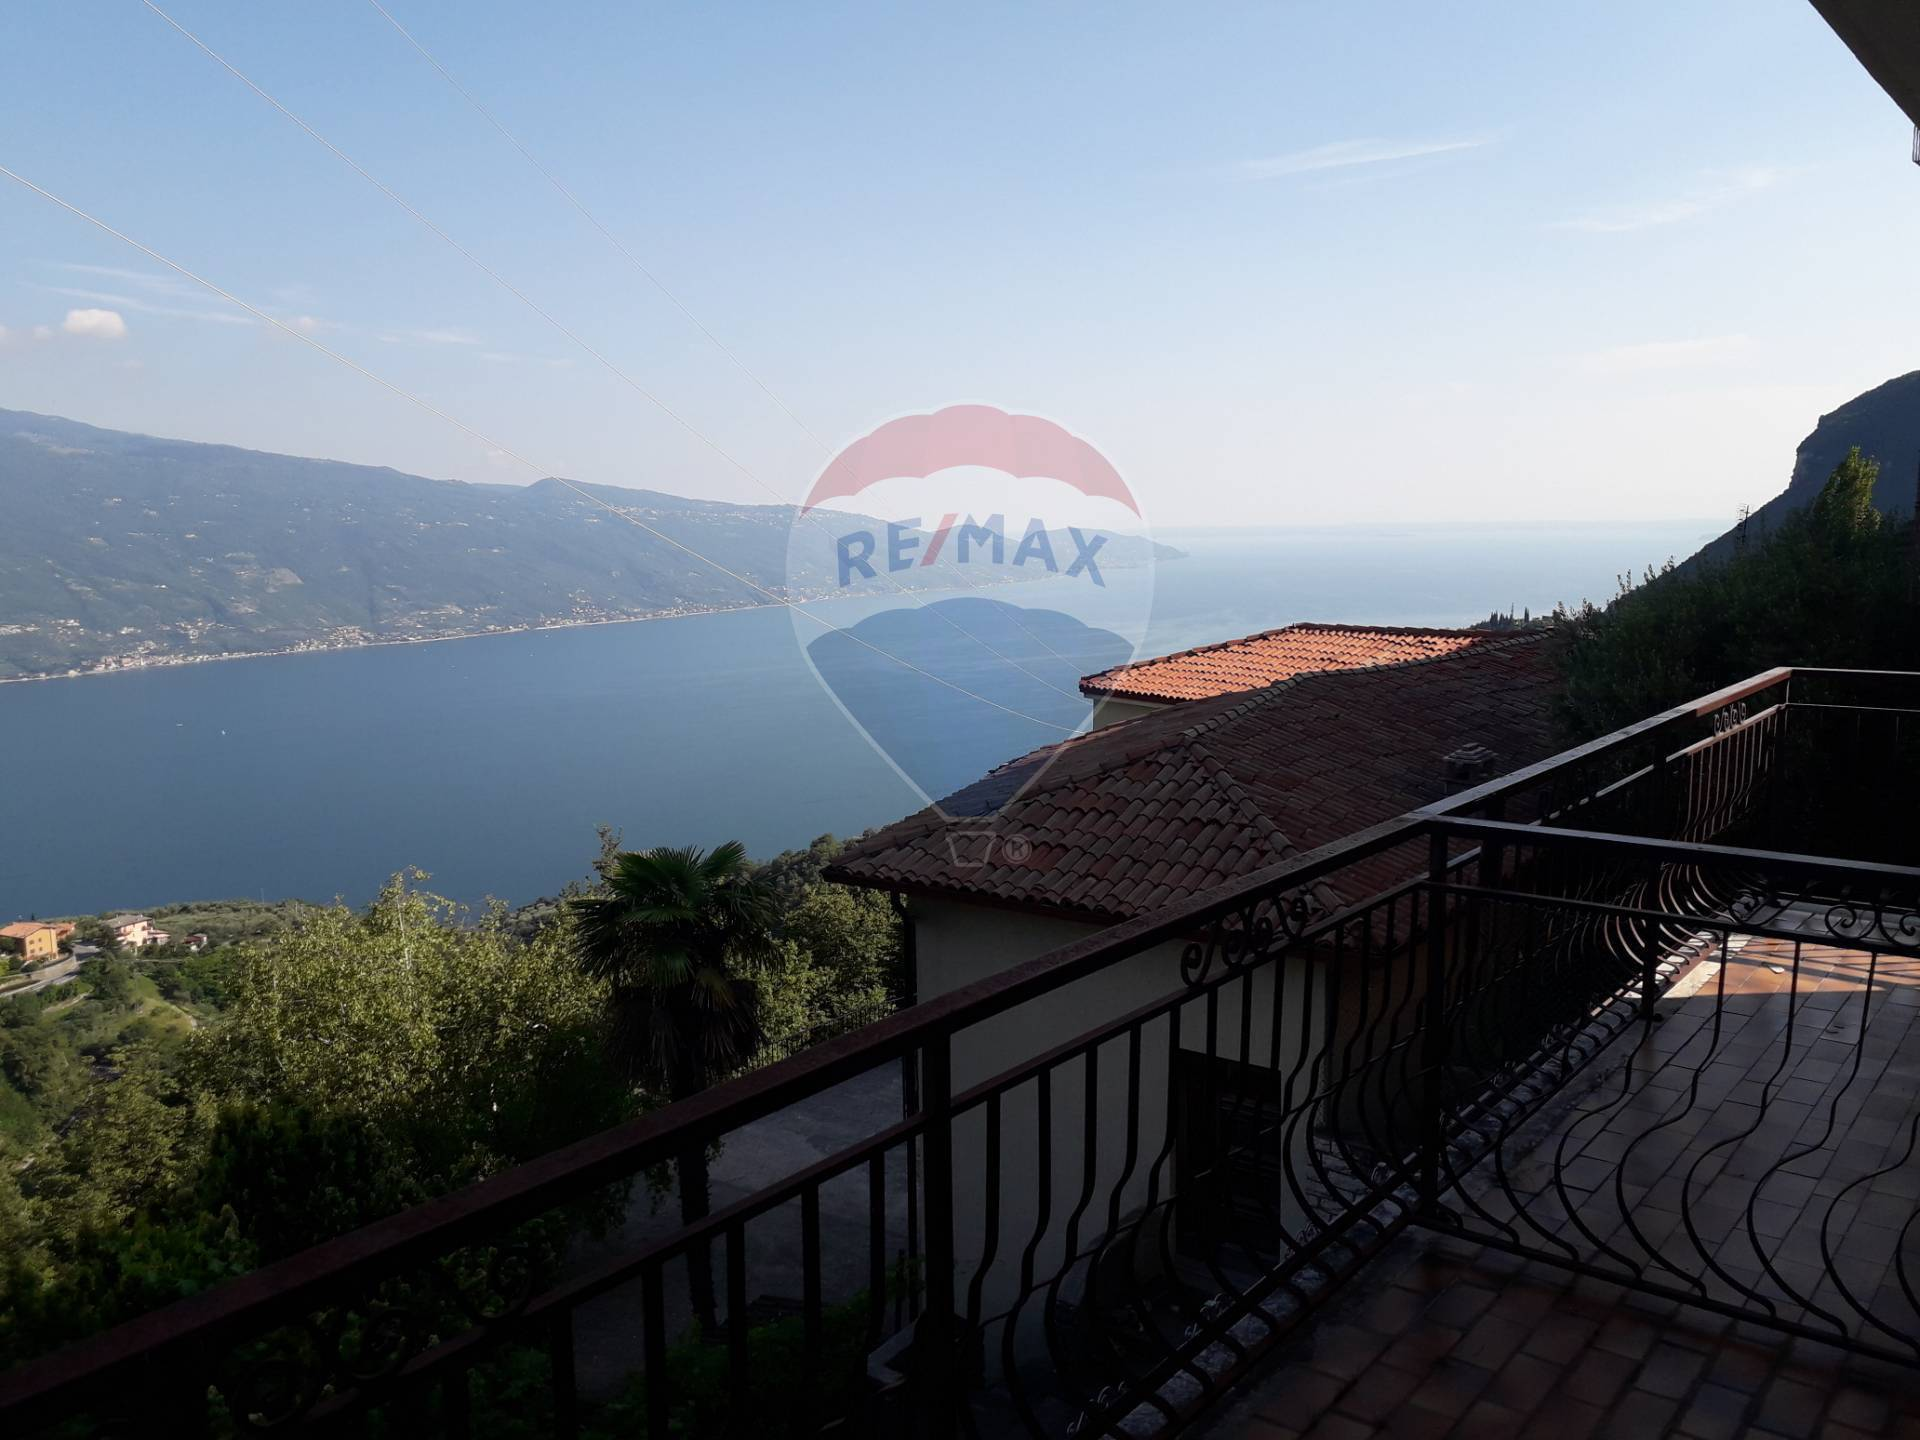 Appartamento in vendita a Tignale, 2 locali, zona Zona: Gardola, prezzo € 108.000 | CambioCasa.it